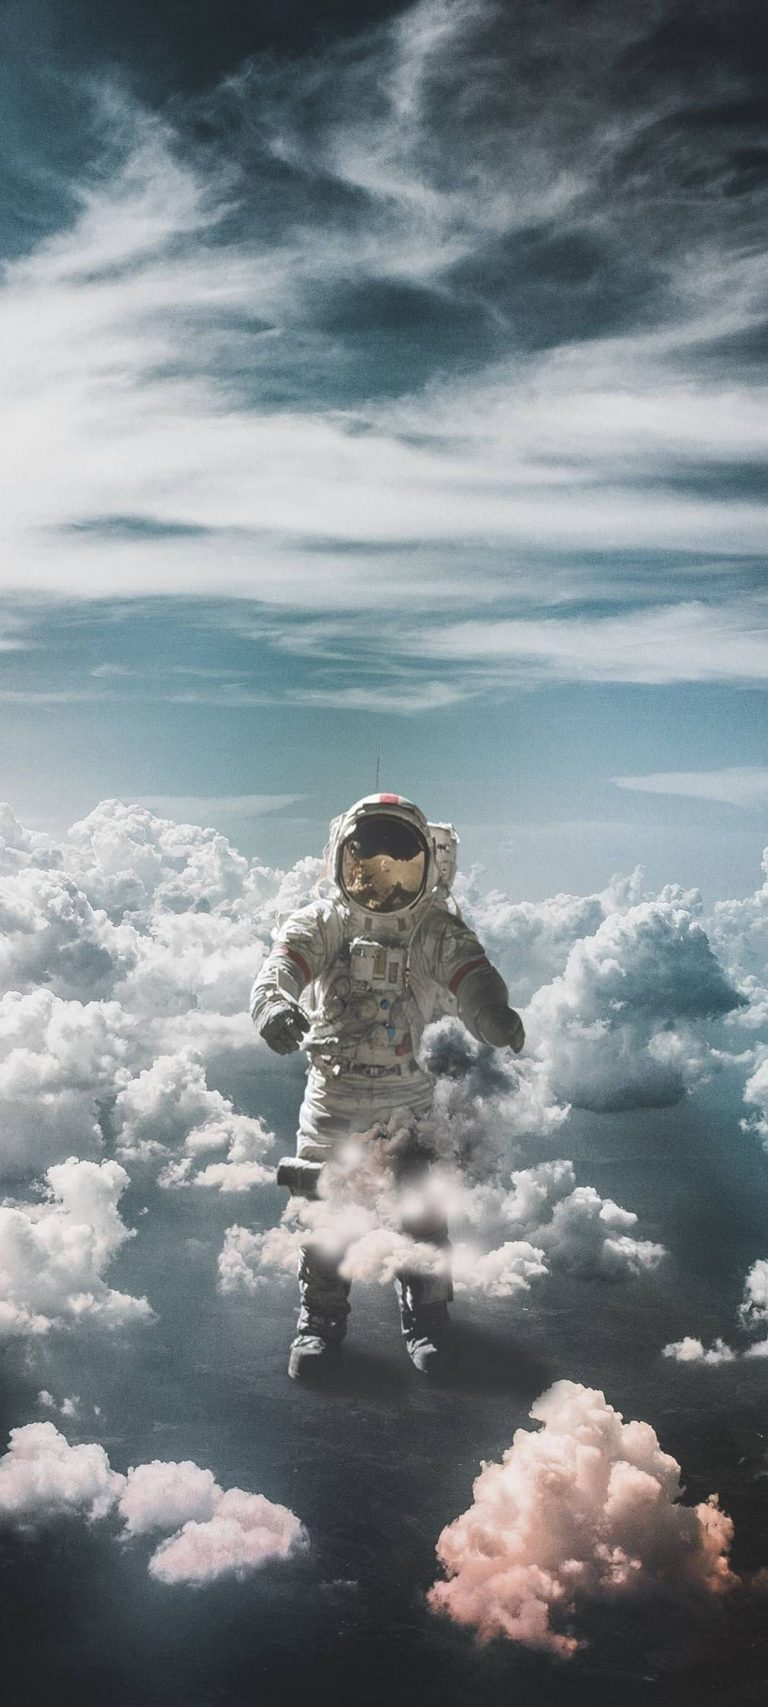 Astronaut Suit Space Clouds 1080x2400 768x1707